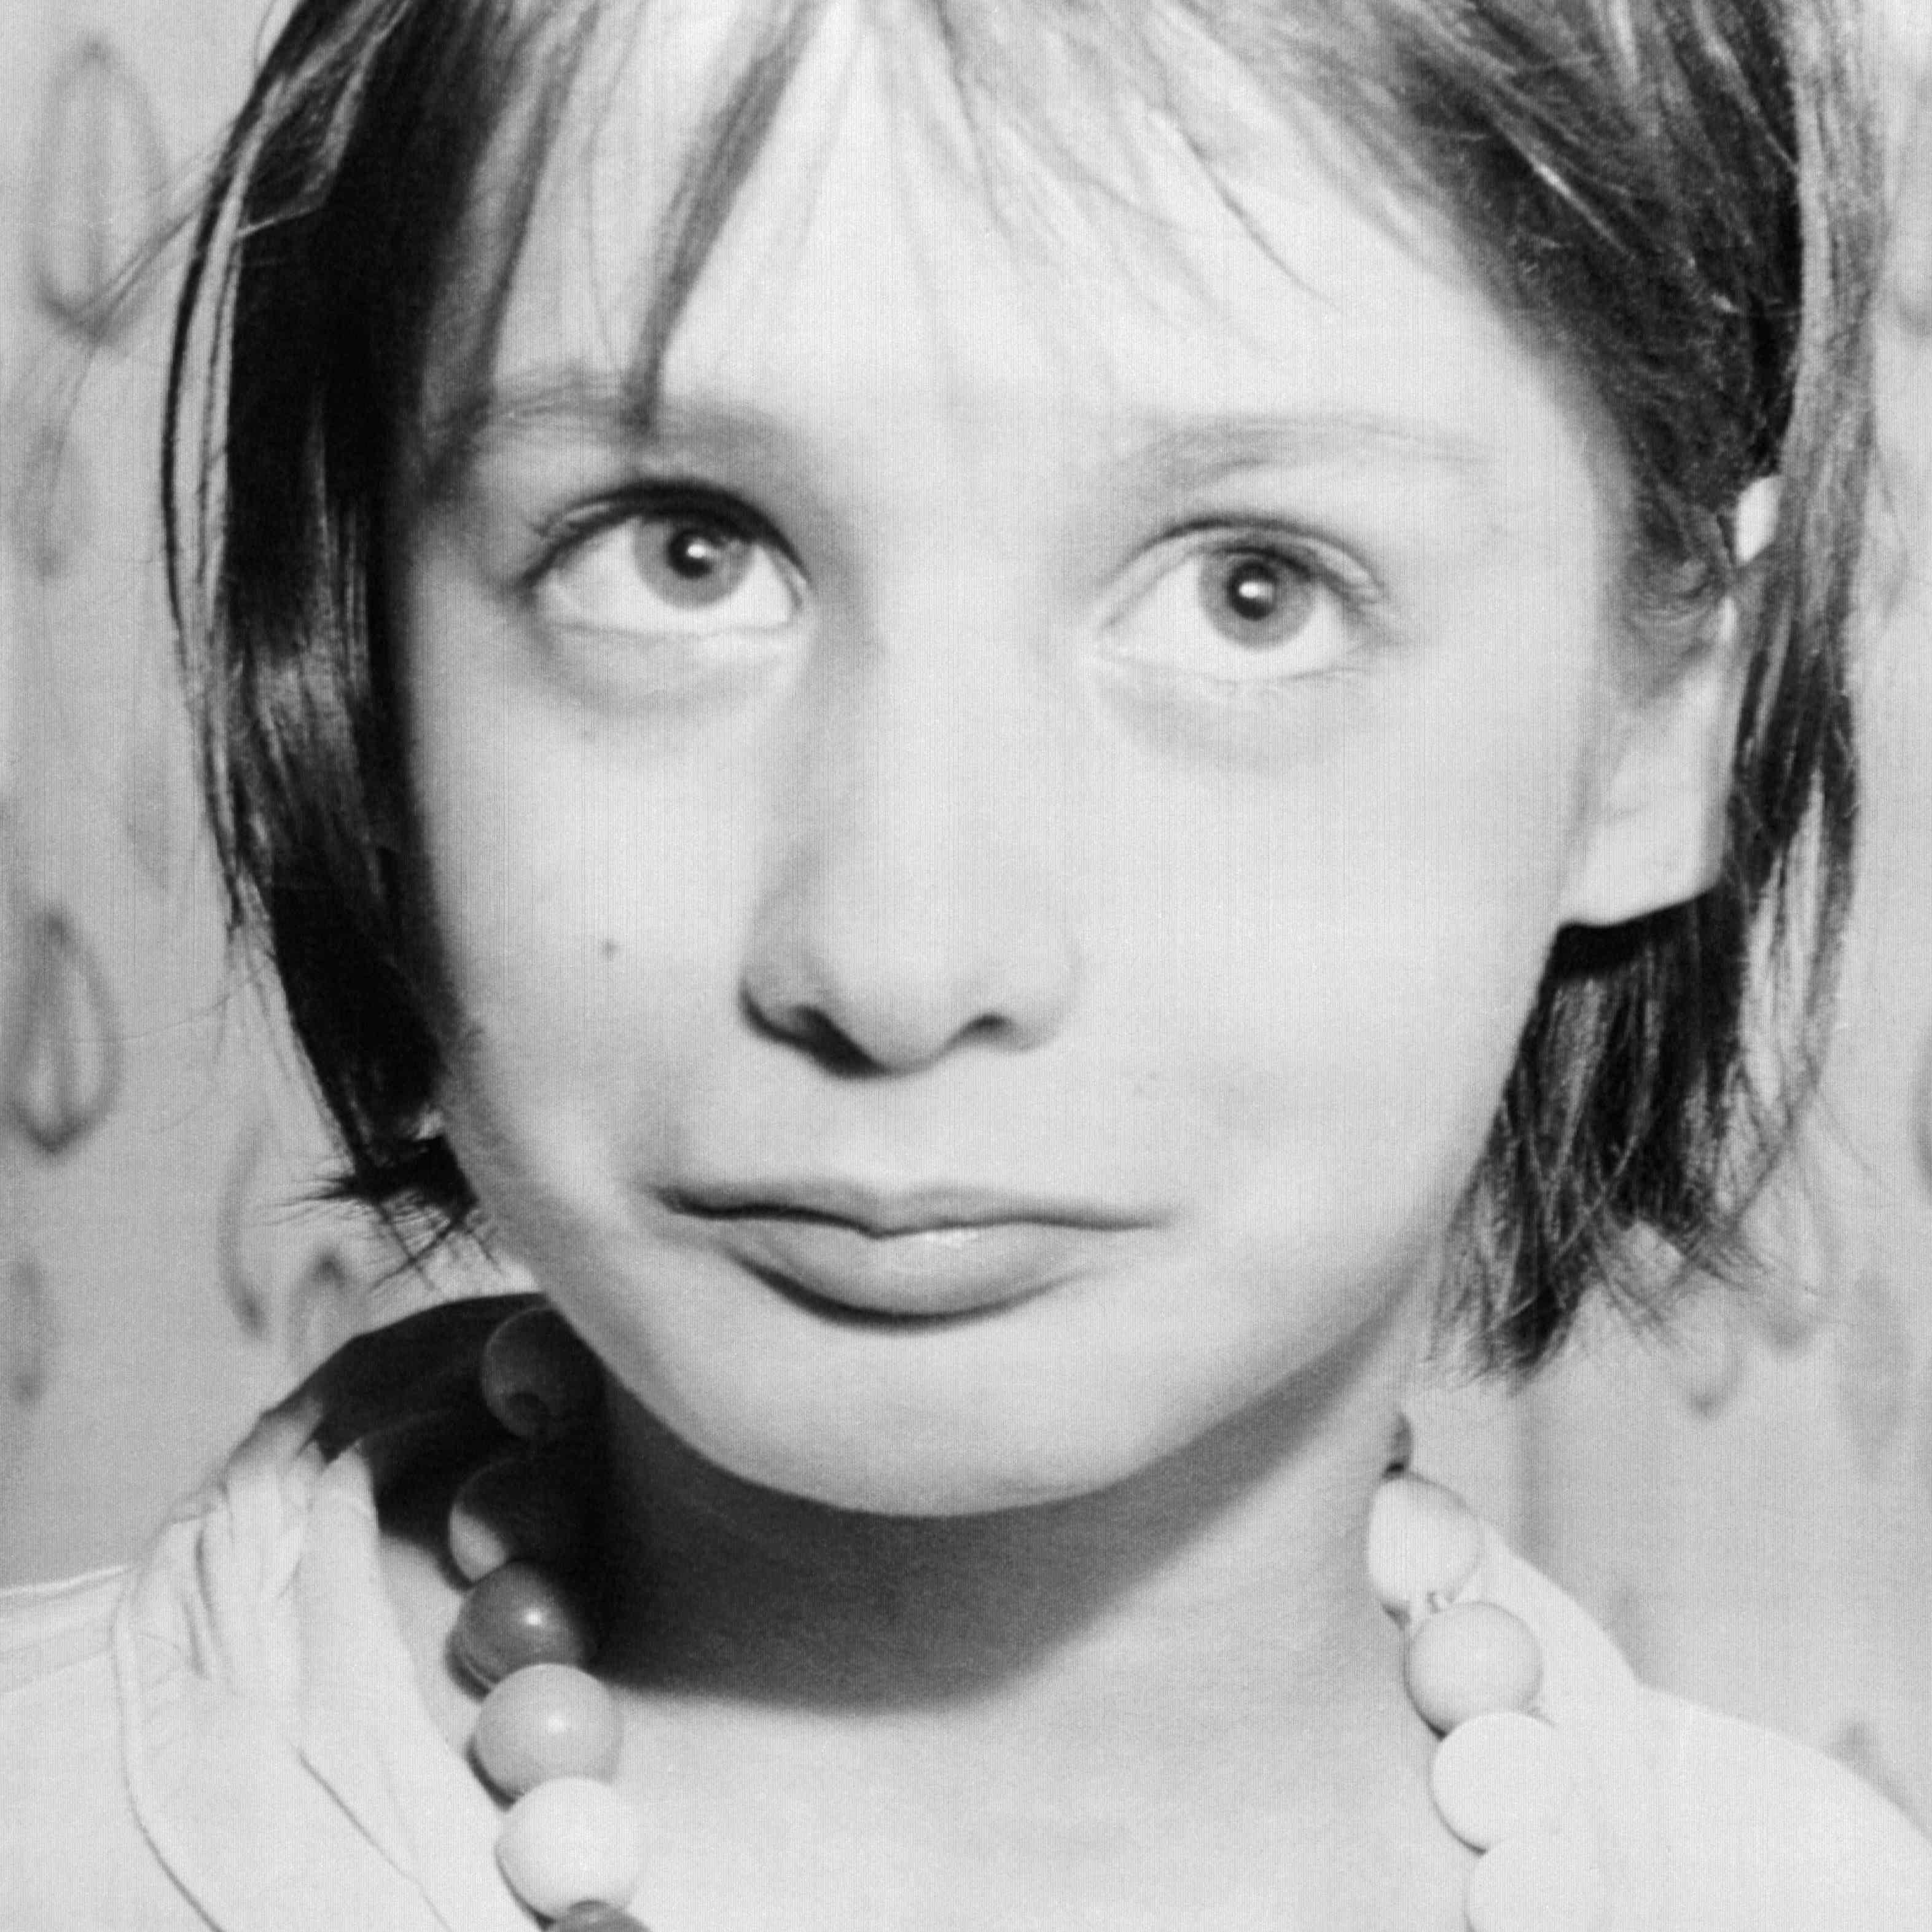 Portrait of Genie Wiley